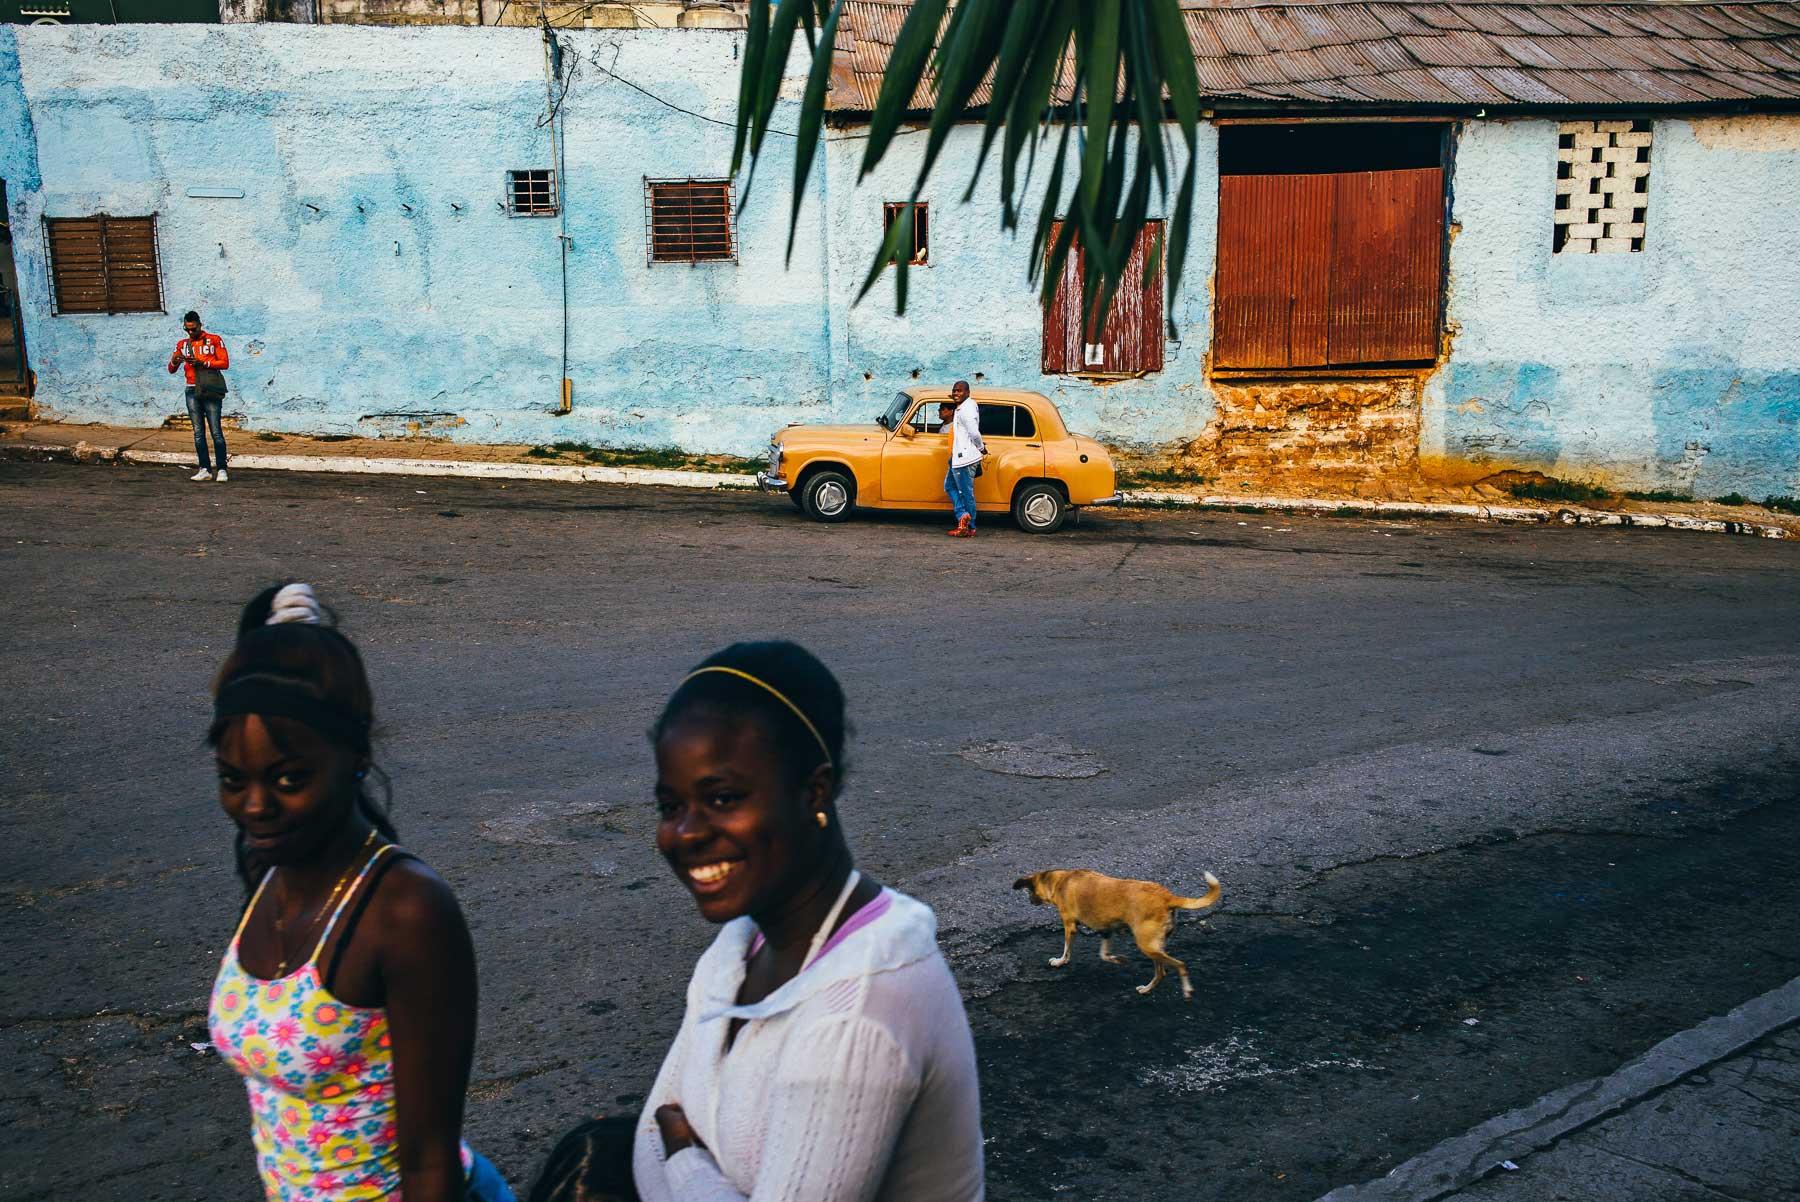 havana_cuba_workshop_photographers_06.jpg